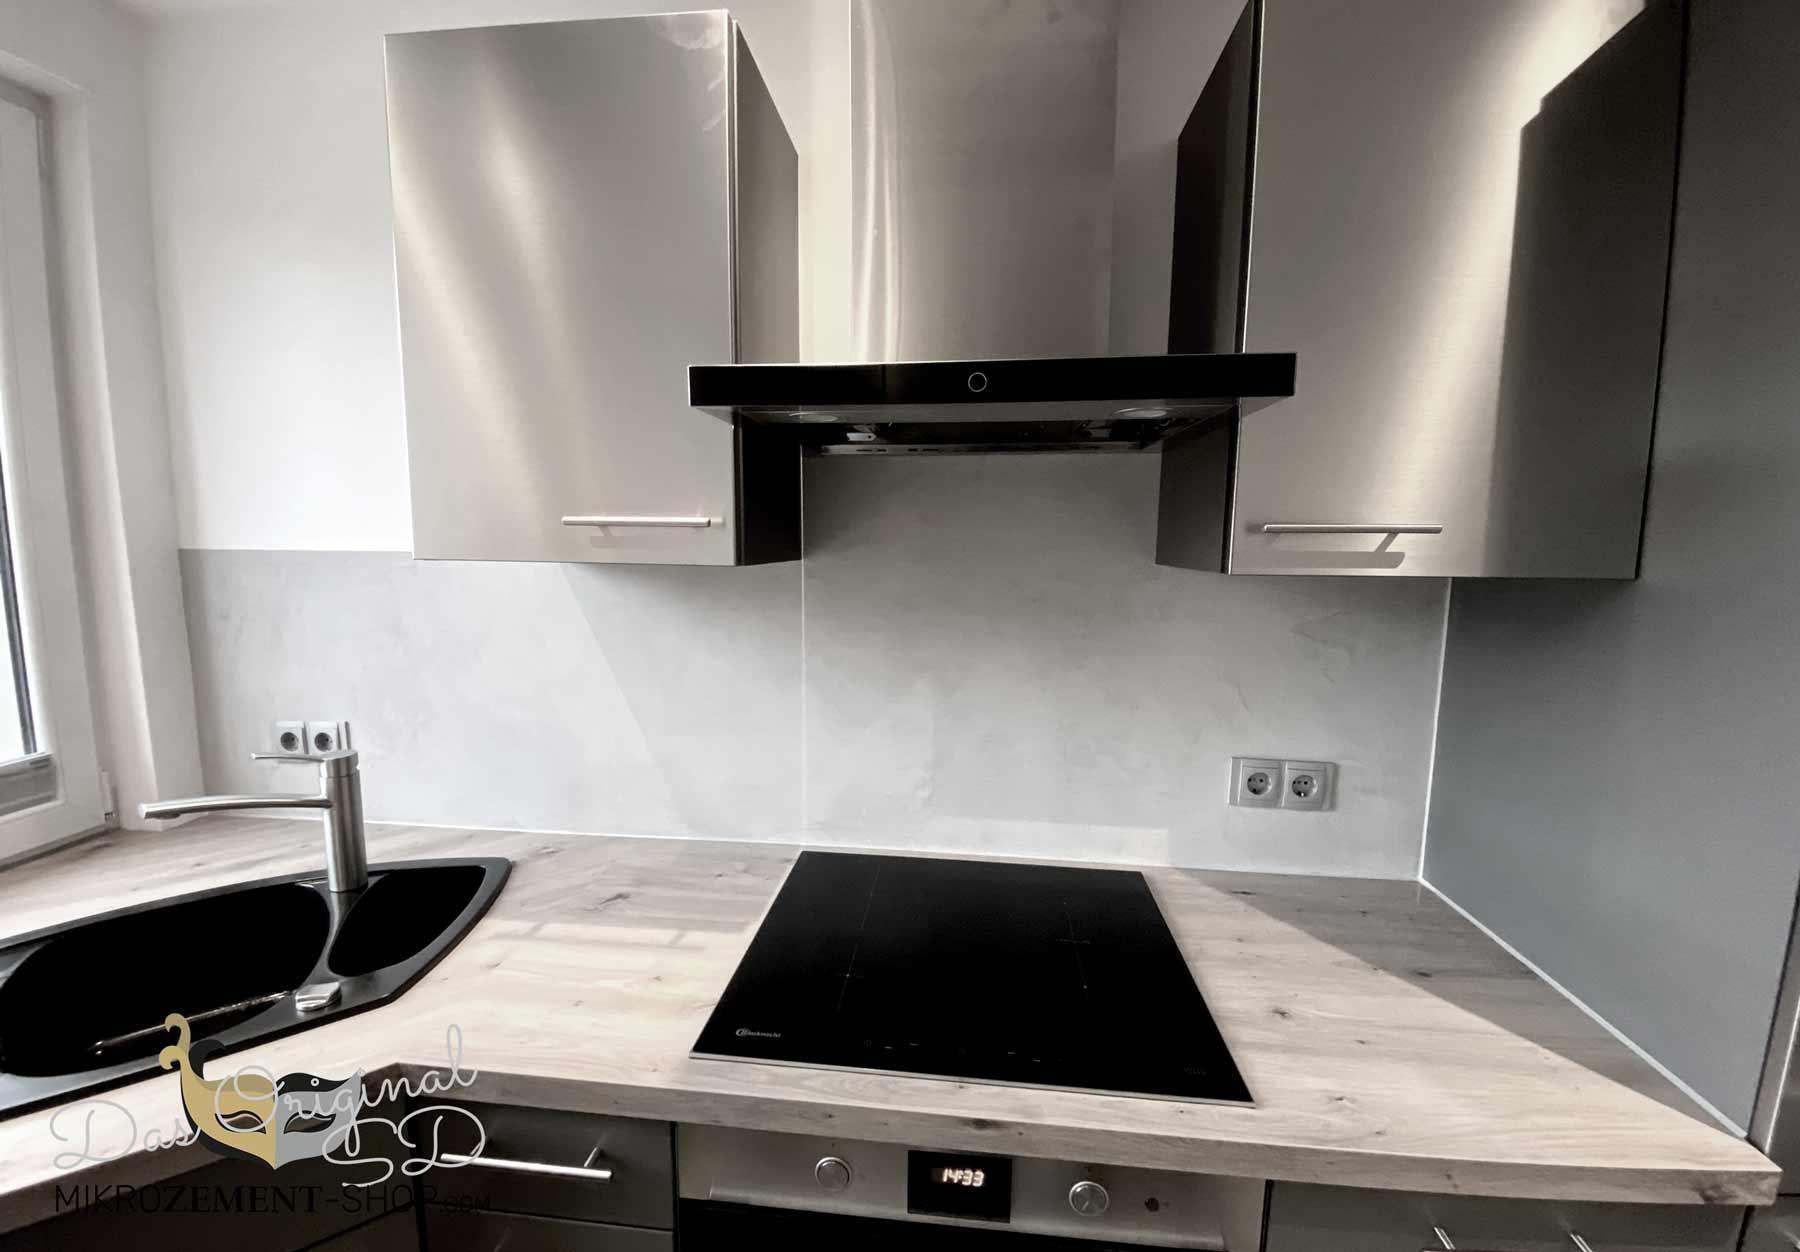 Mikrozement in der Küche fertig